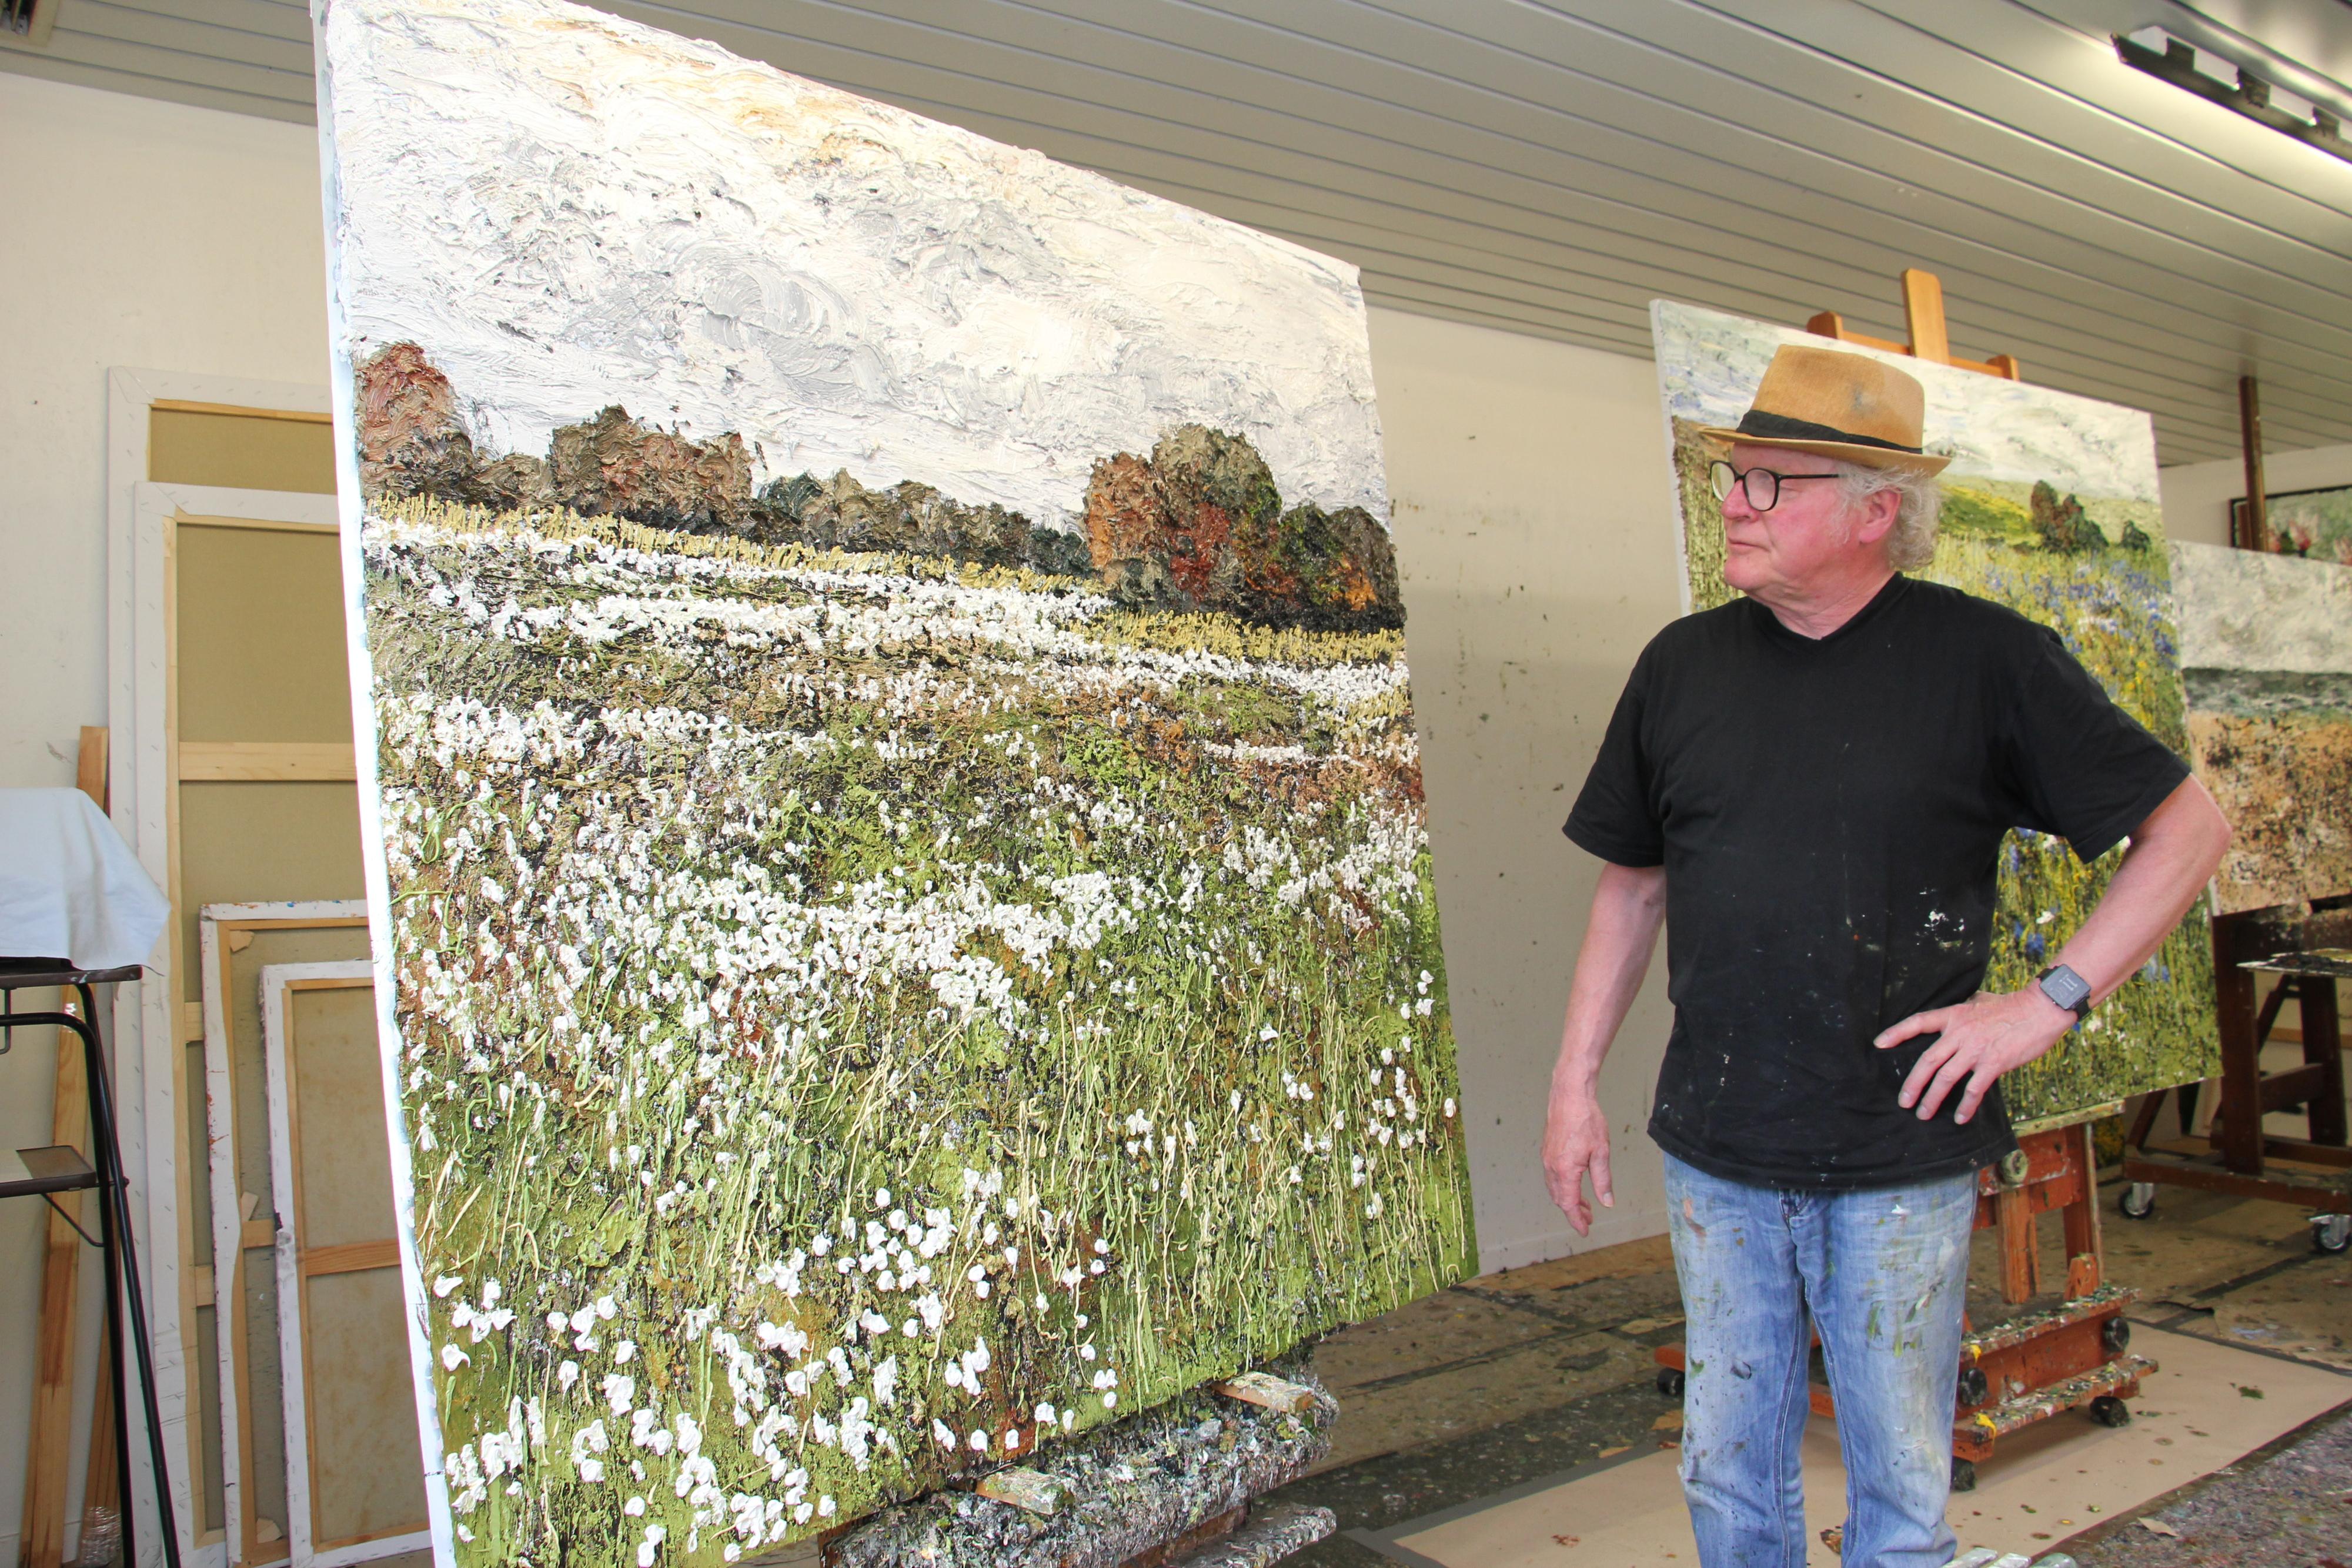 Wollgrasblüte im Telbraker Moor: Helmut Helmes lässt sich bei seiner Malerei auch von der idyllischen Landschaft rund um seine Heimatstadt inspirieren. Foto: Speckmann